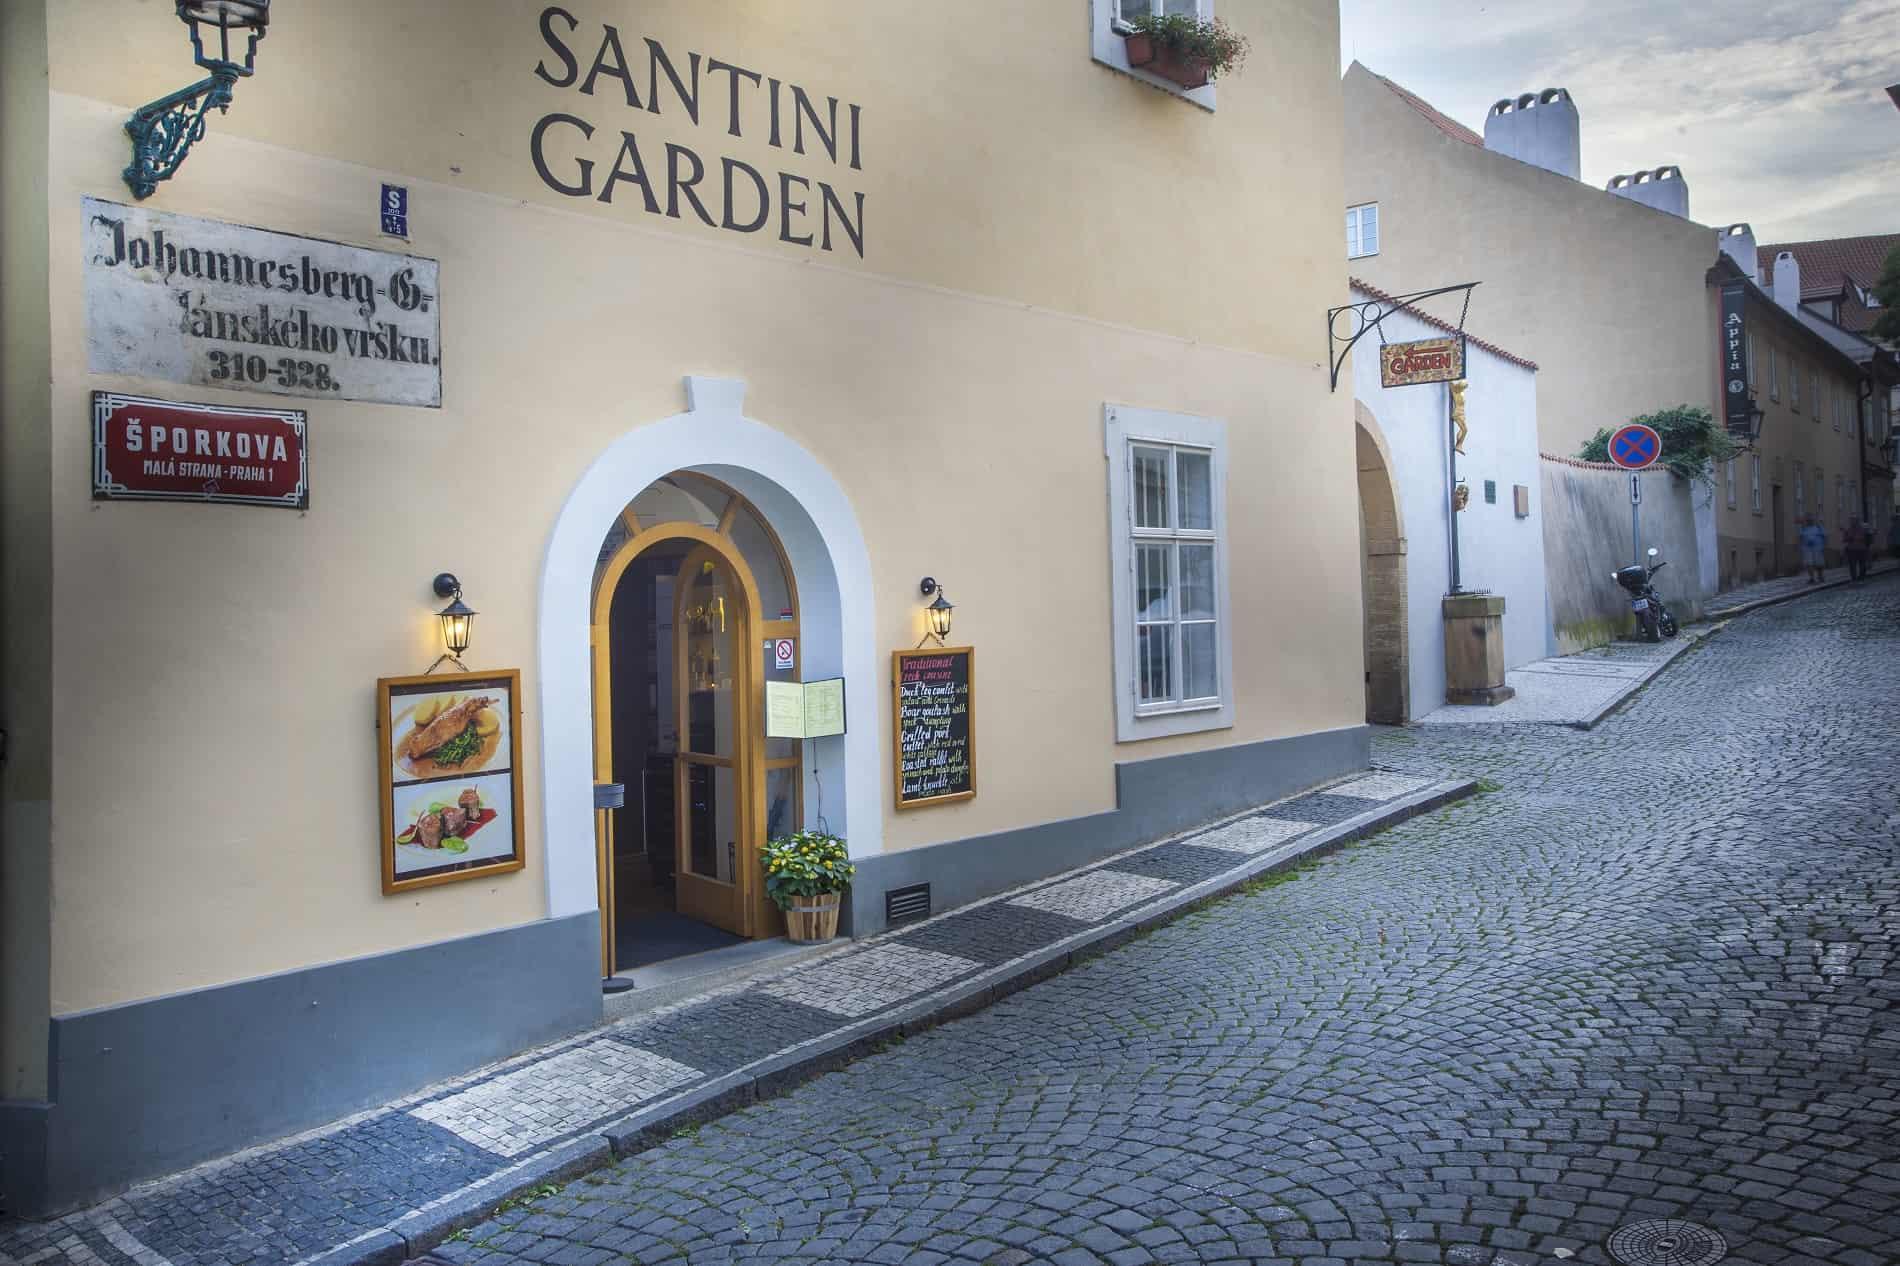 Santini Garden